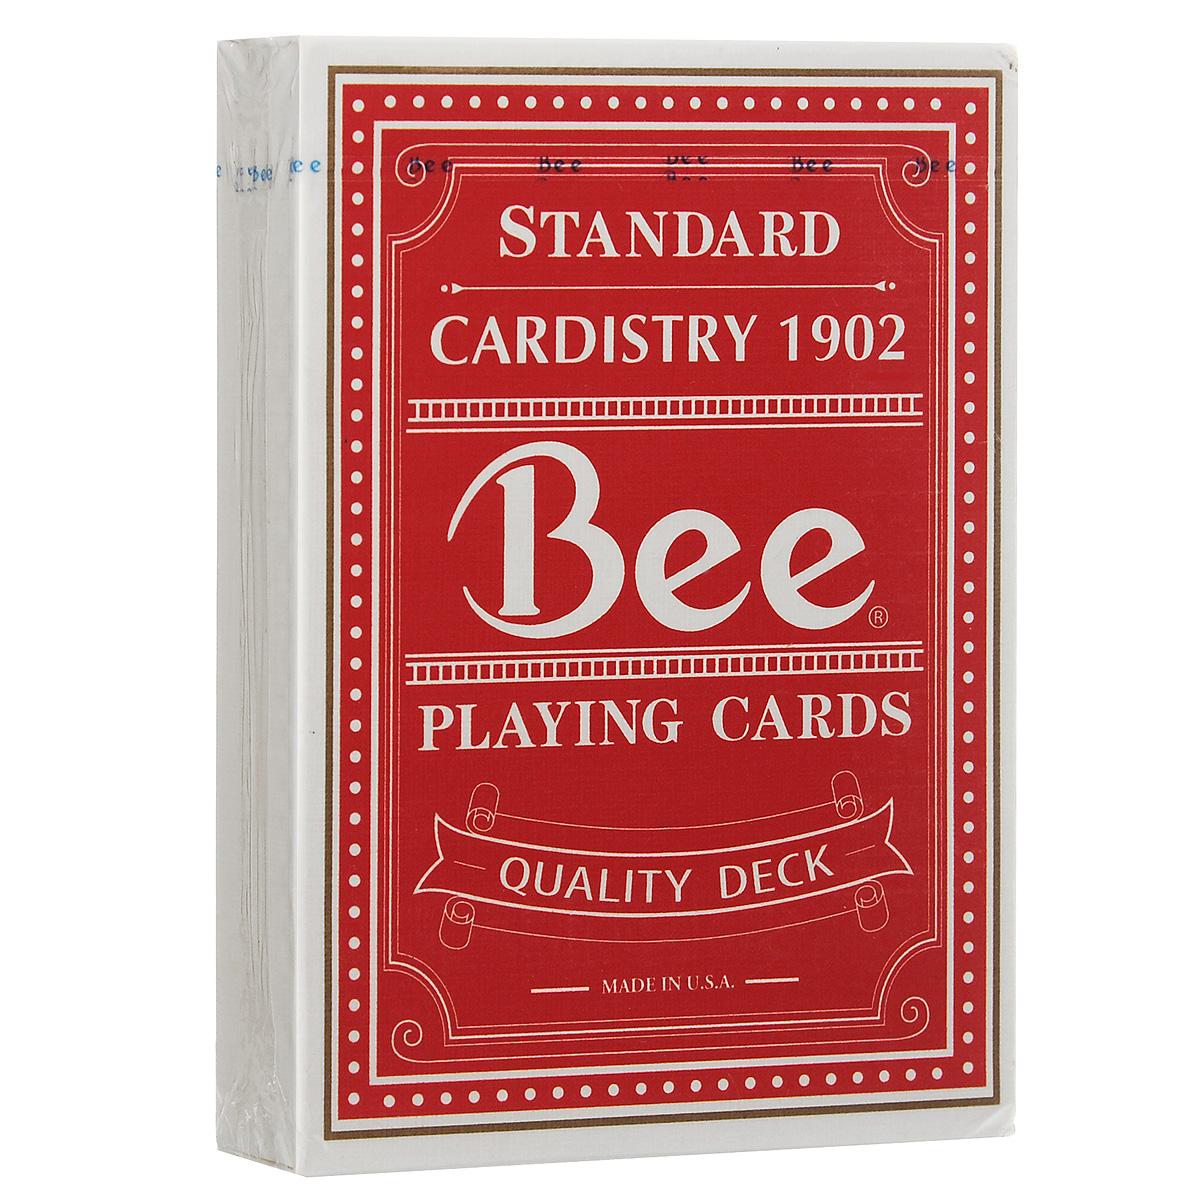 Игральные карты Bee Quality, цвет: красный, белыйК-342Игральные карты Bee Quality изготовлены на заводе USPCC и имеют улучшенное качество, по сравнению с обычными колодами Bee.